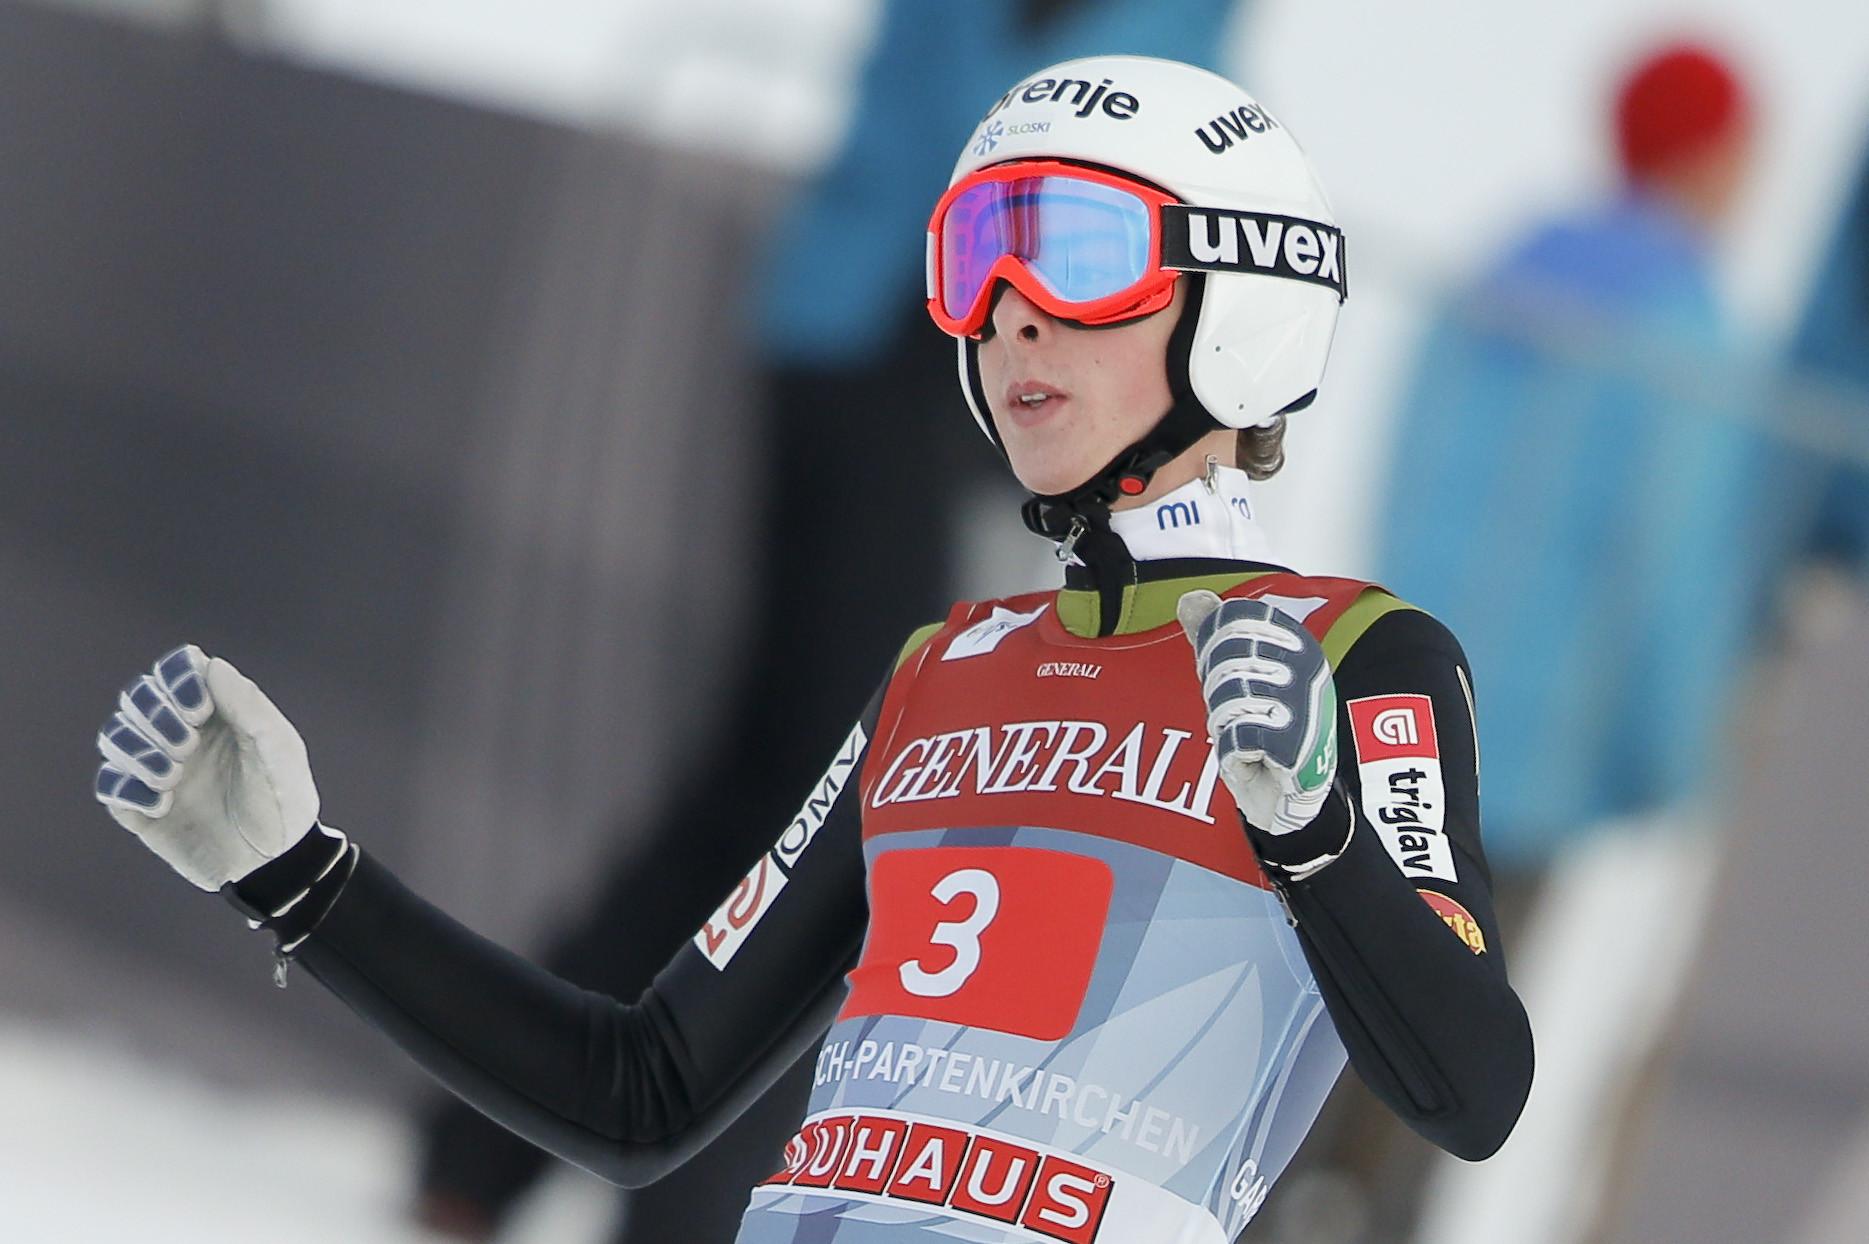 Former junior world champion Hvala retires from ski jumping